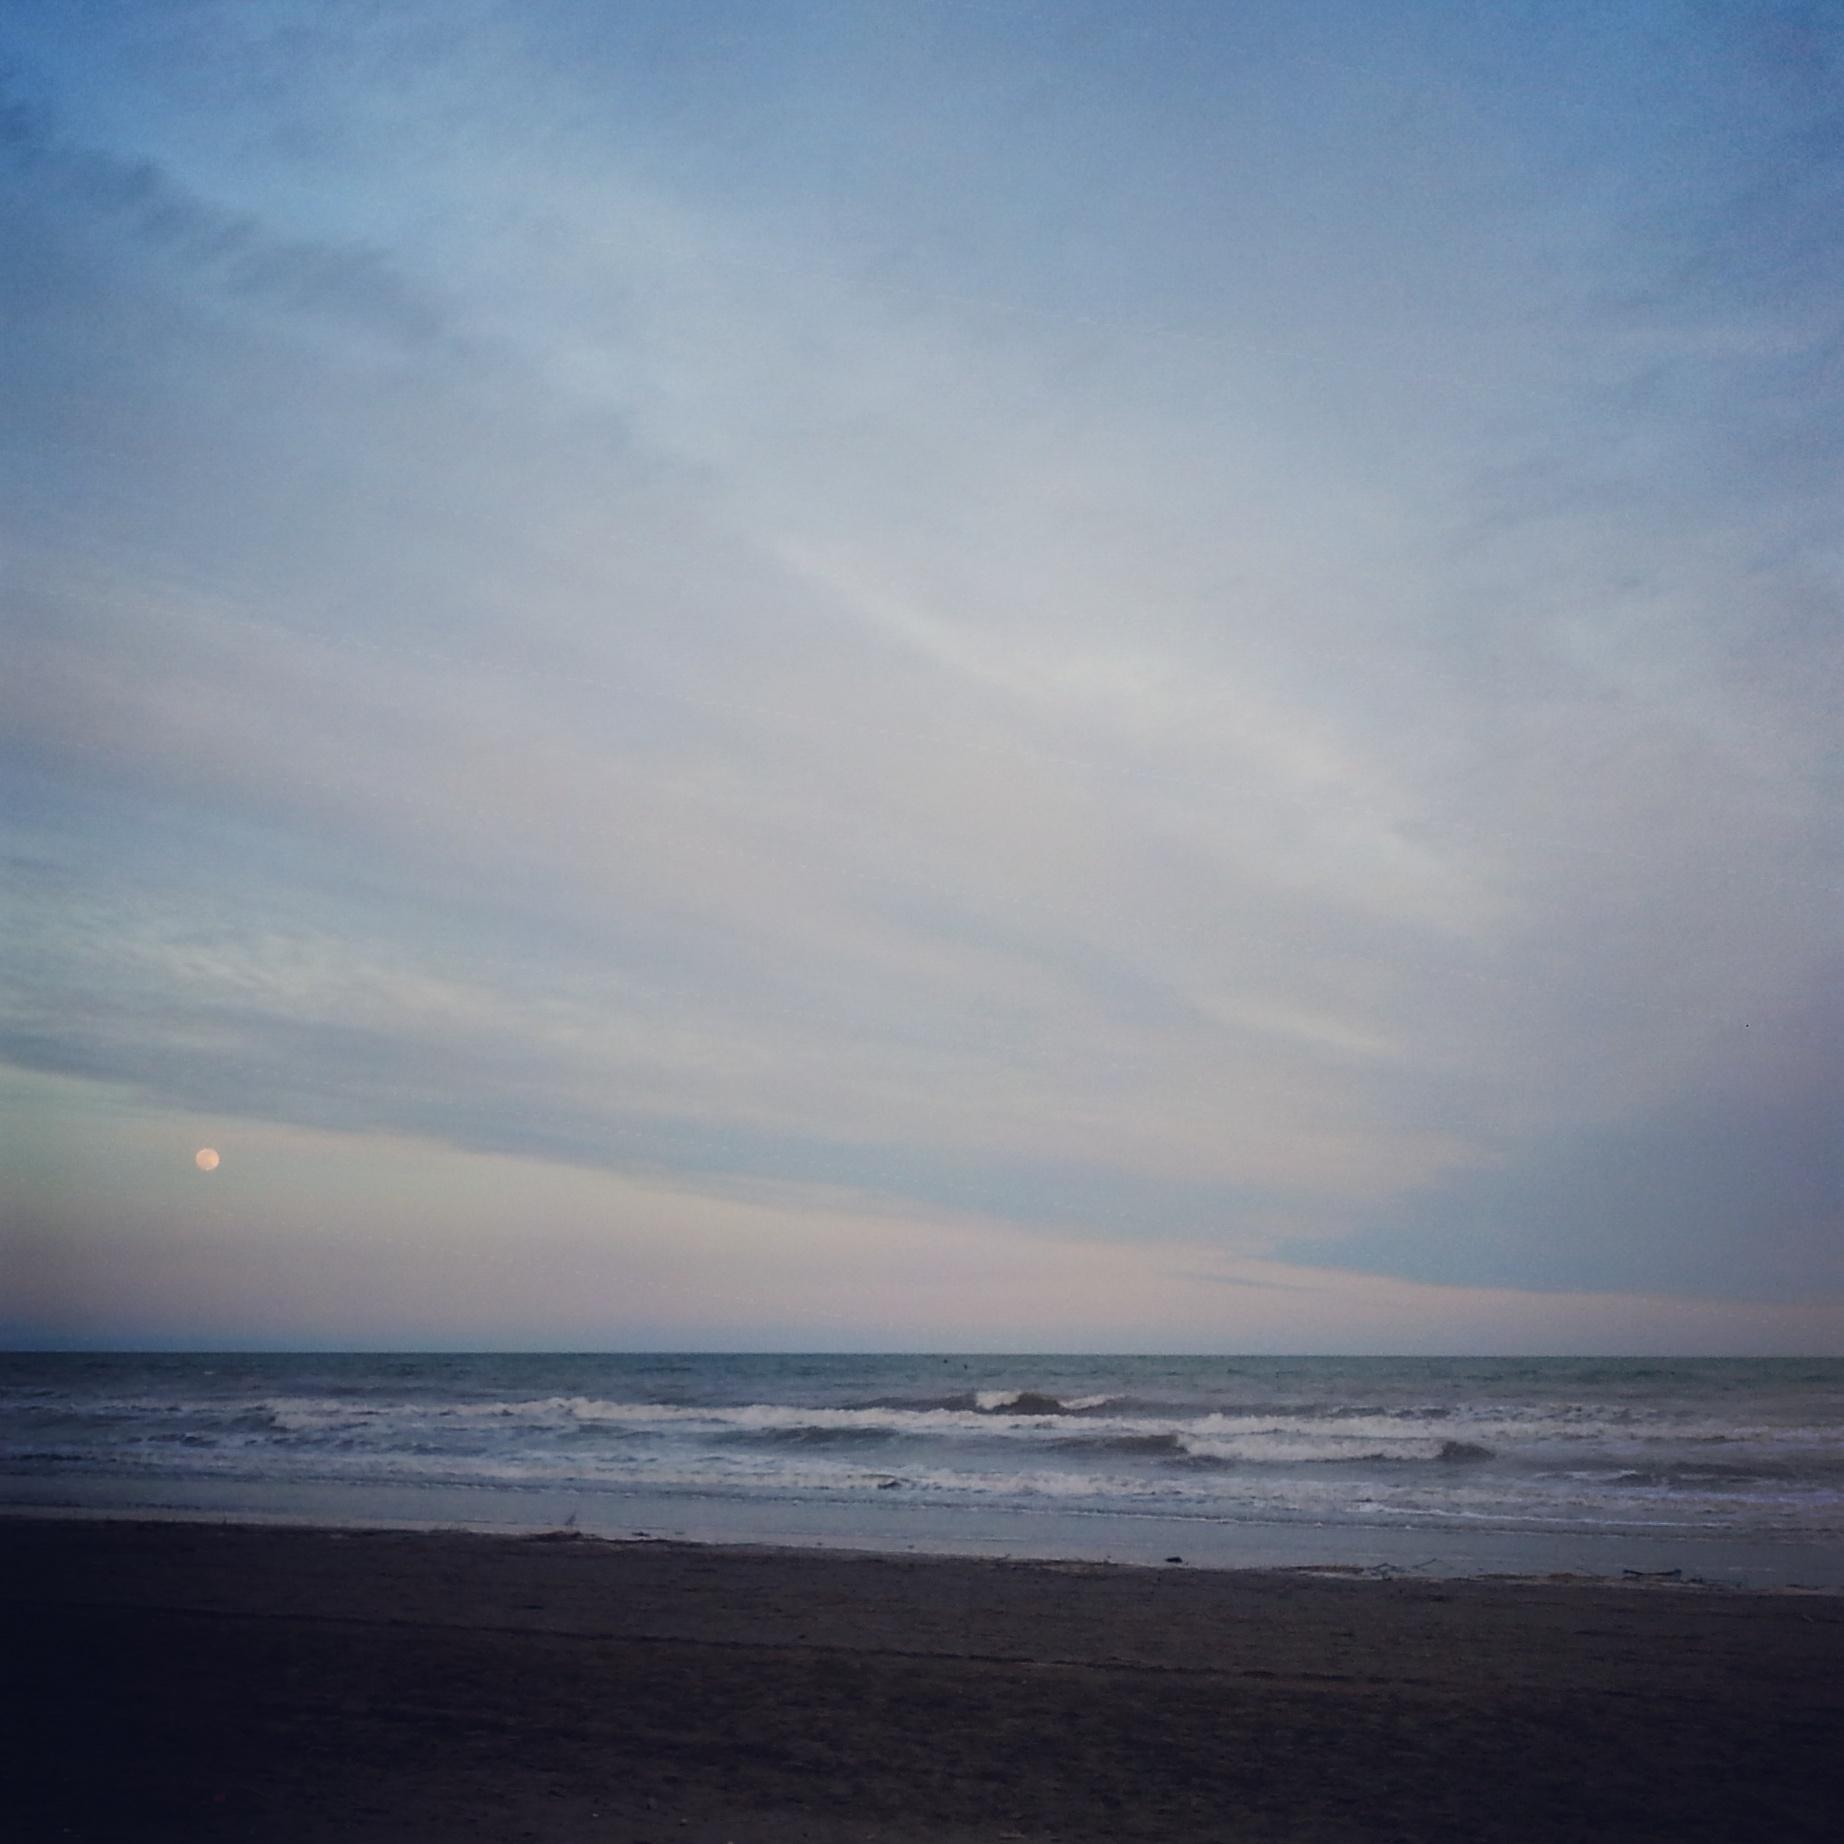 Venezia Lido: Blue Moon